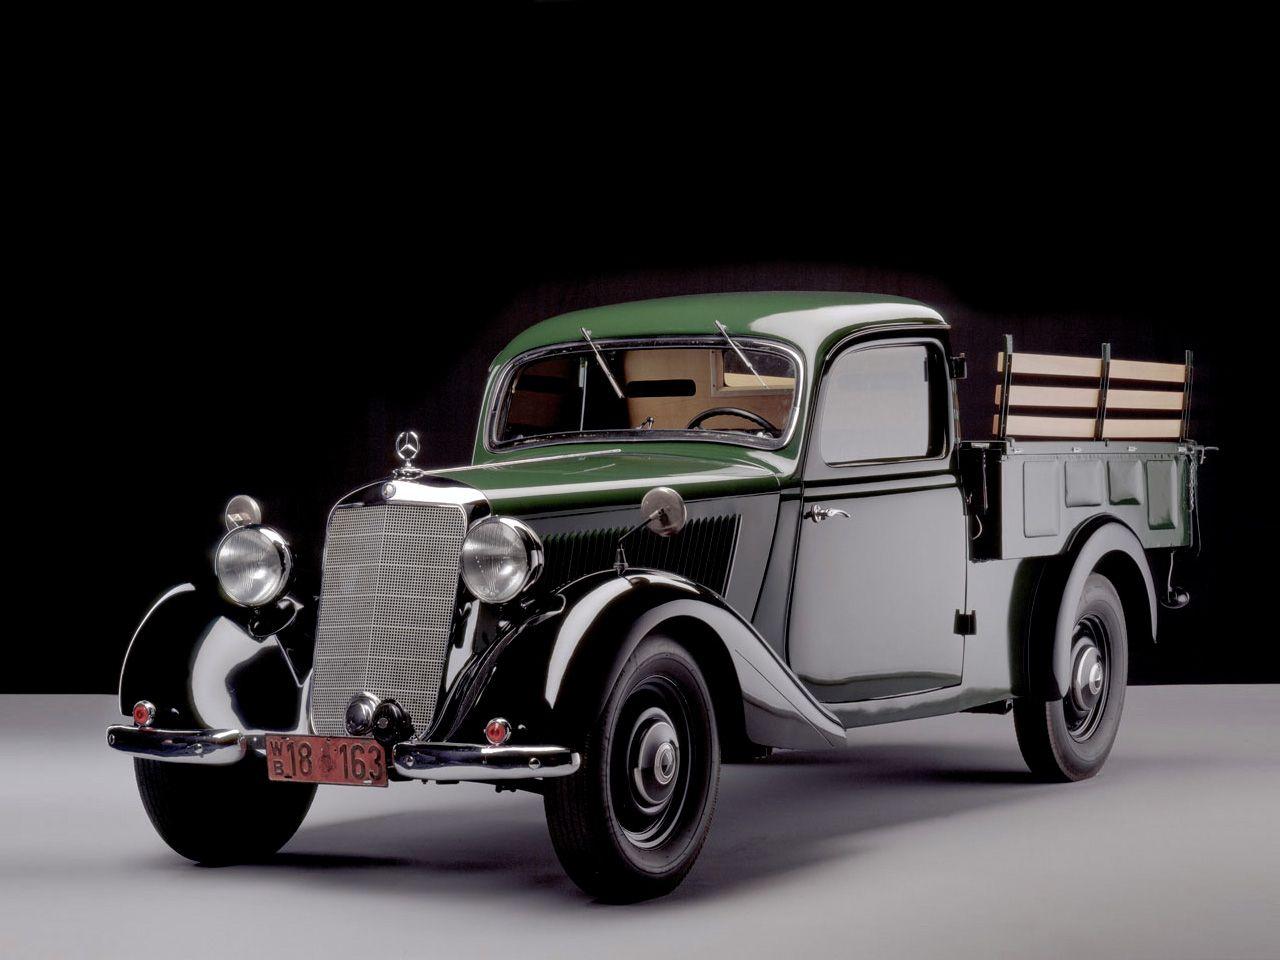 Mercedes 170 v pickup 1946 clean rides pinterest for 1946 mercedes benz